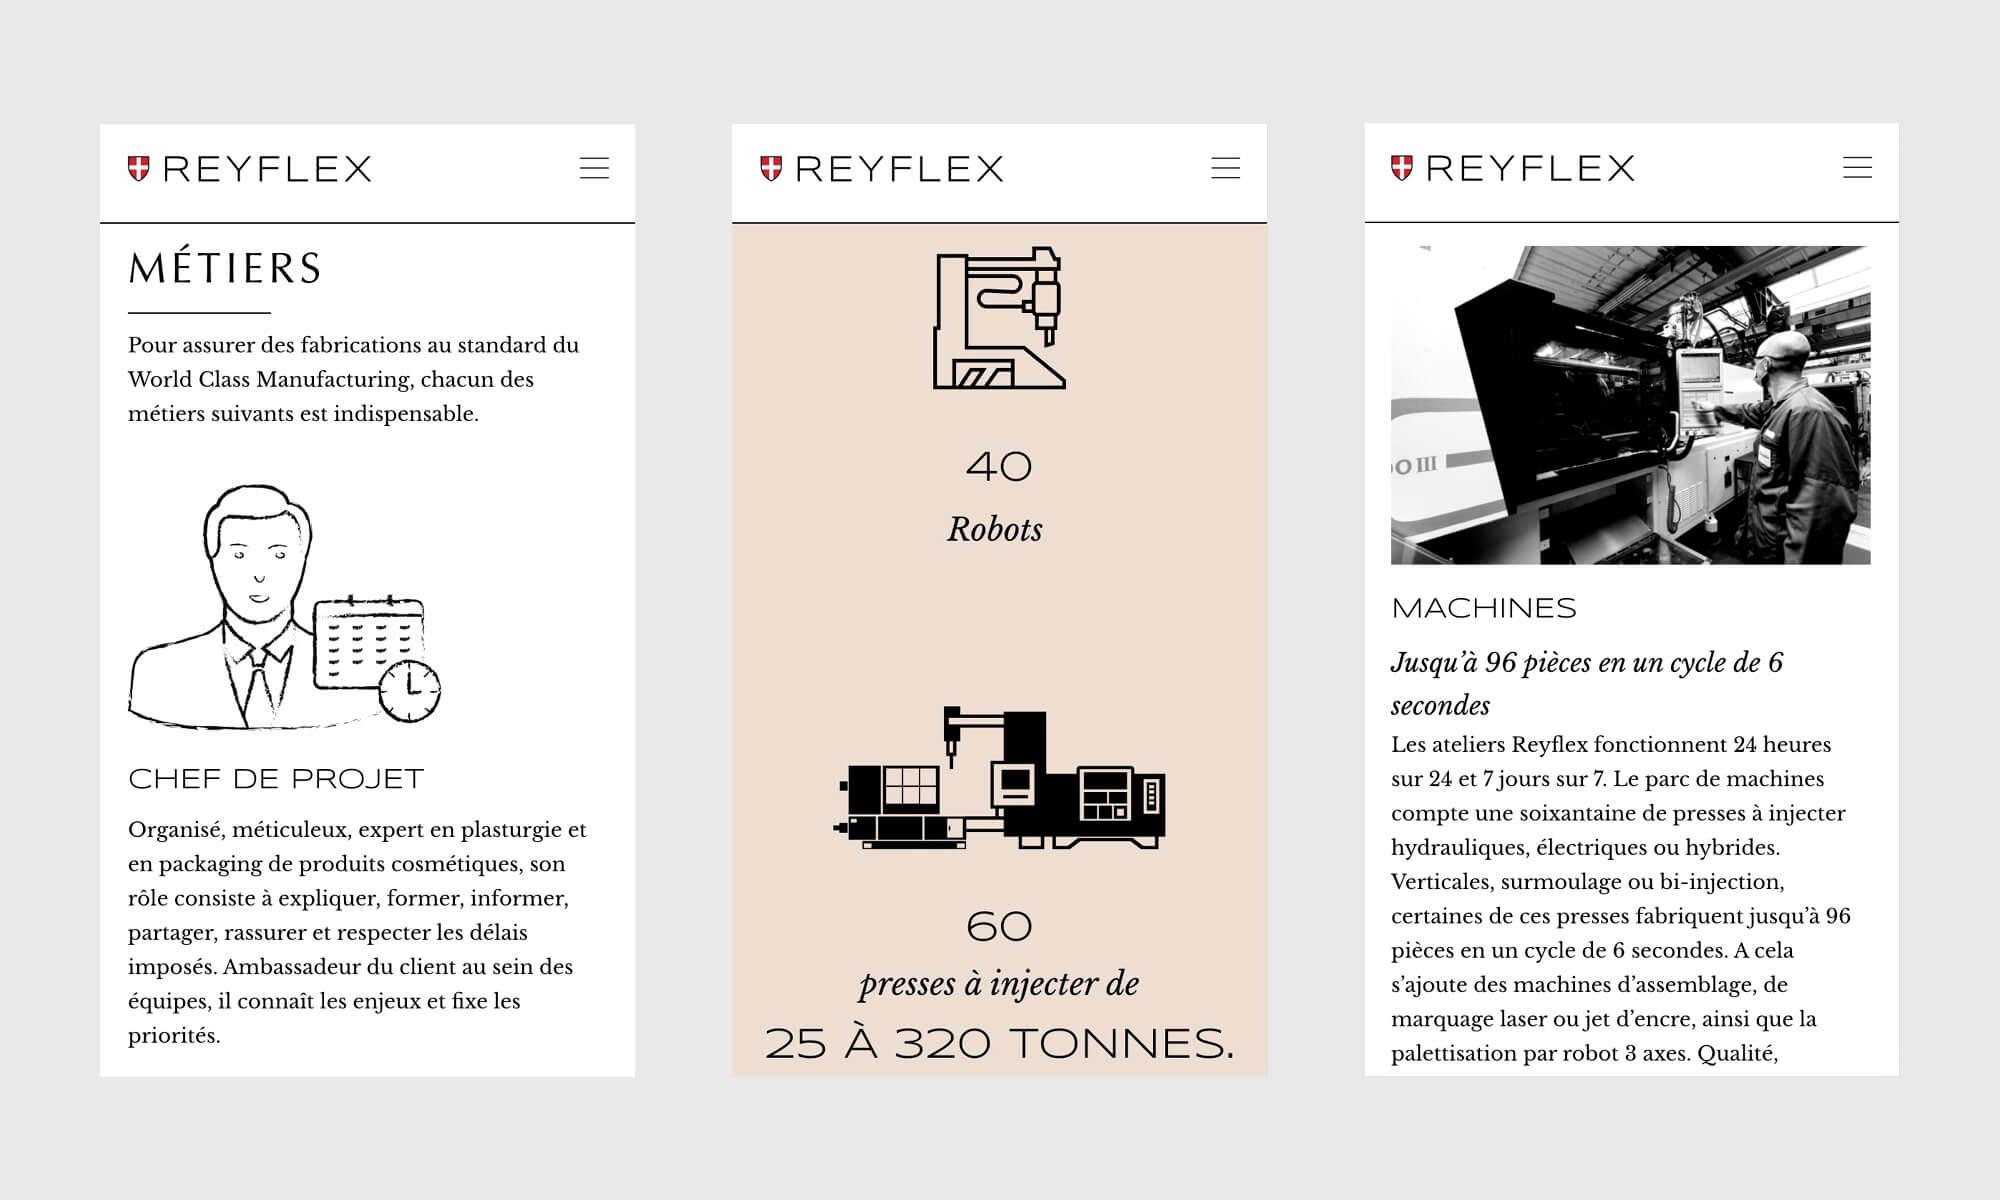 La version telephone du site internet Reyflex, design Ich&Kar